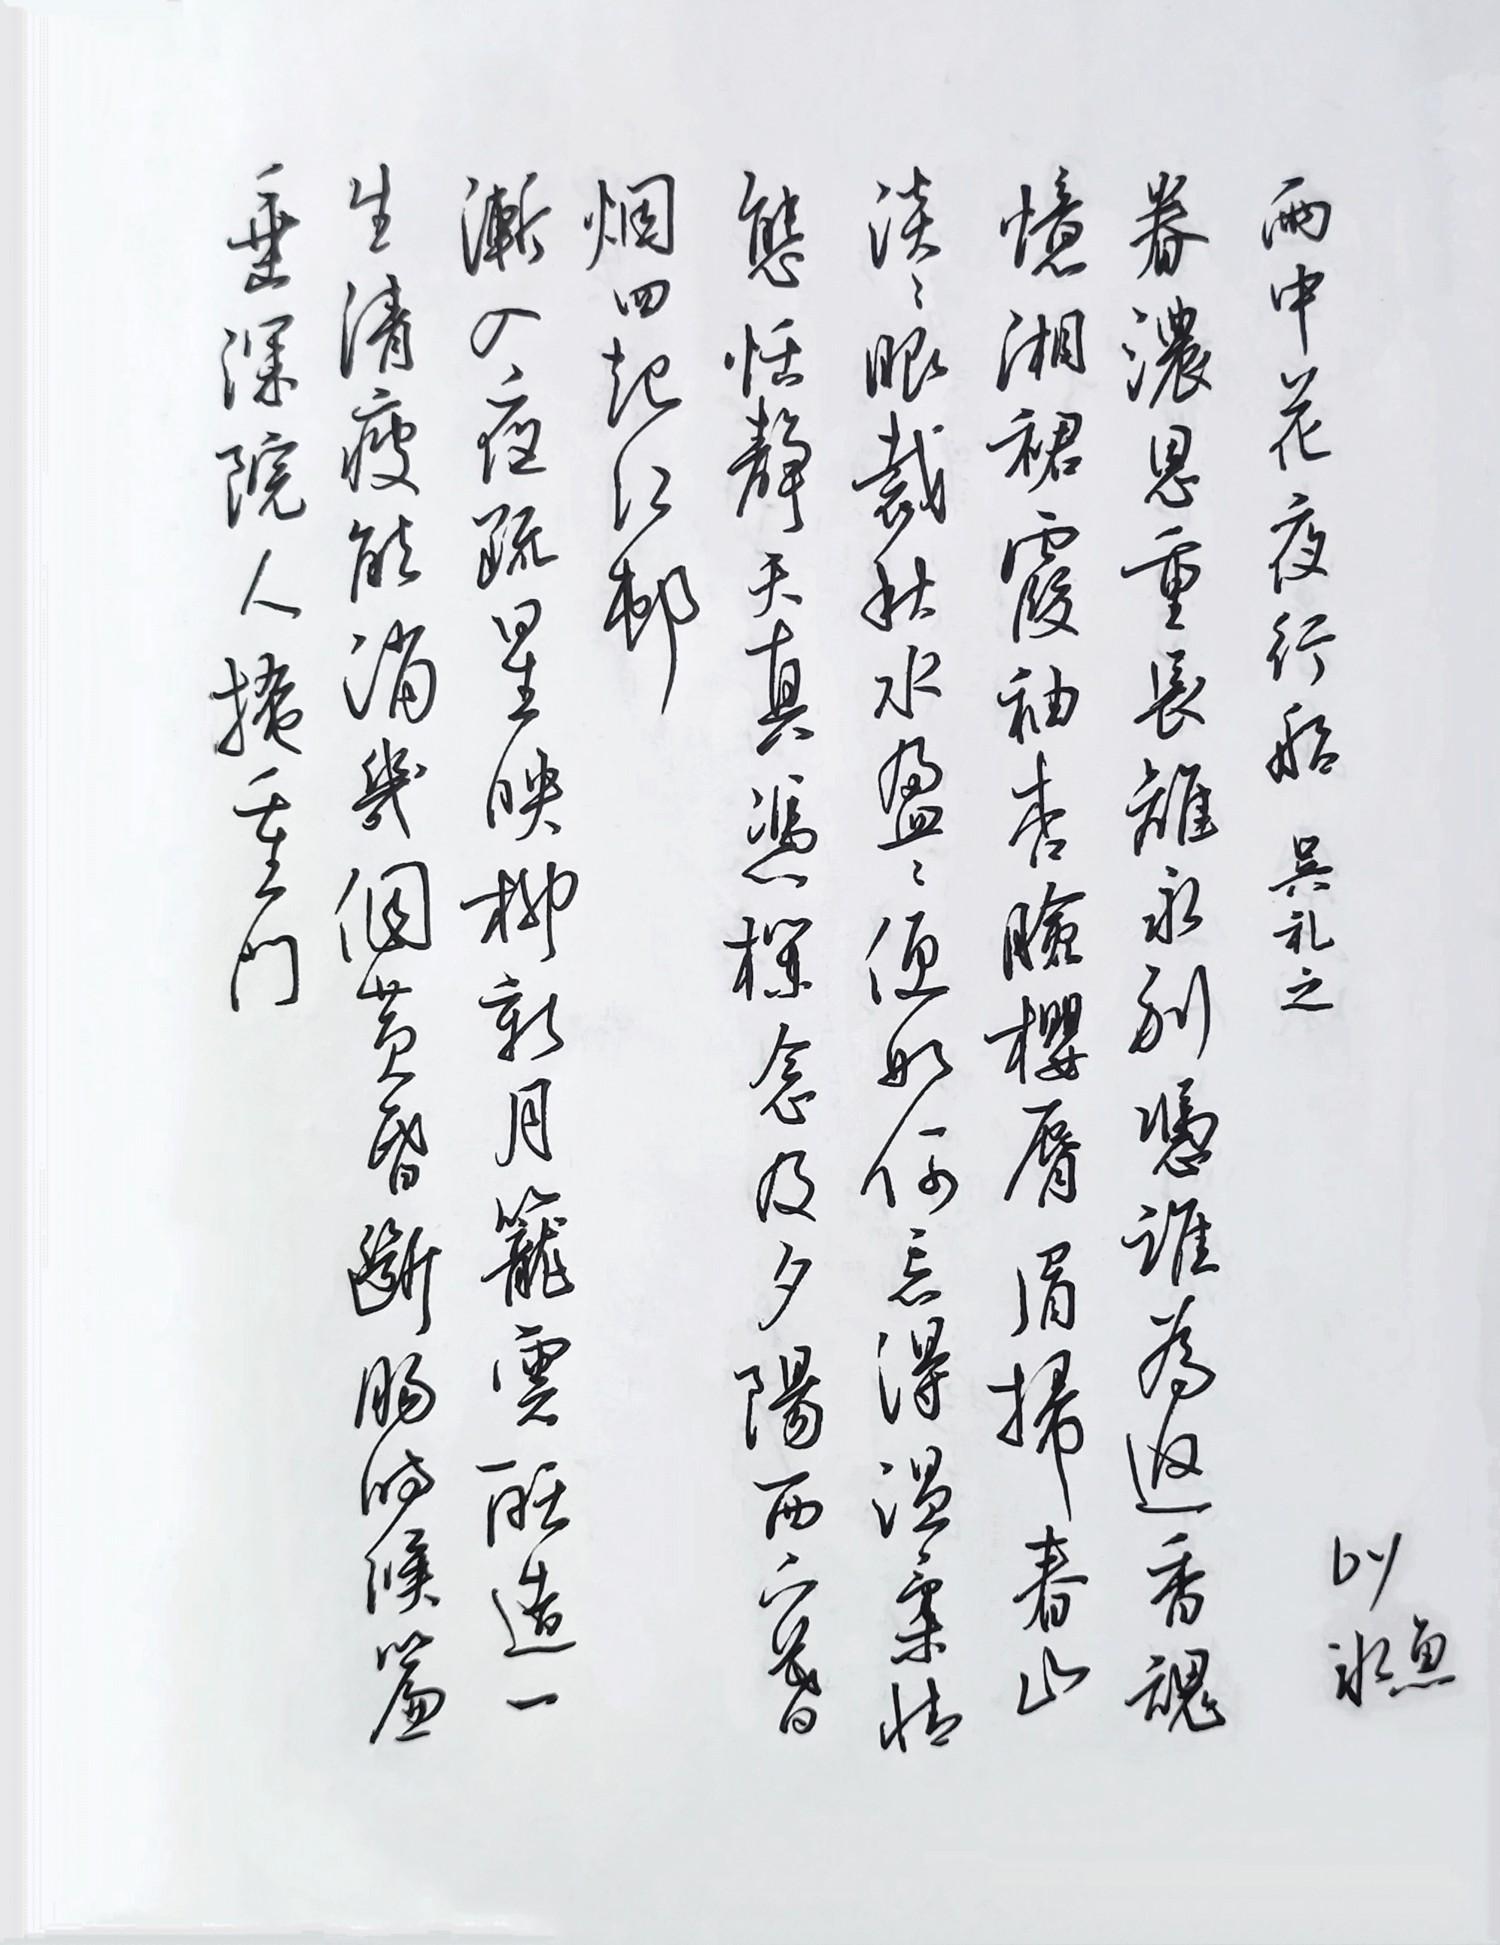 钢笔书法练字打卡20210518-08